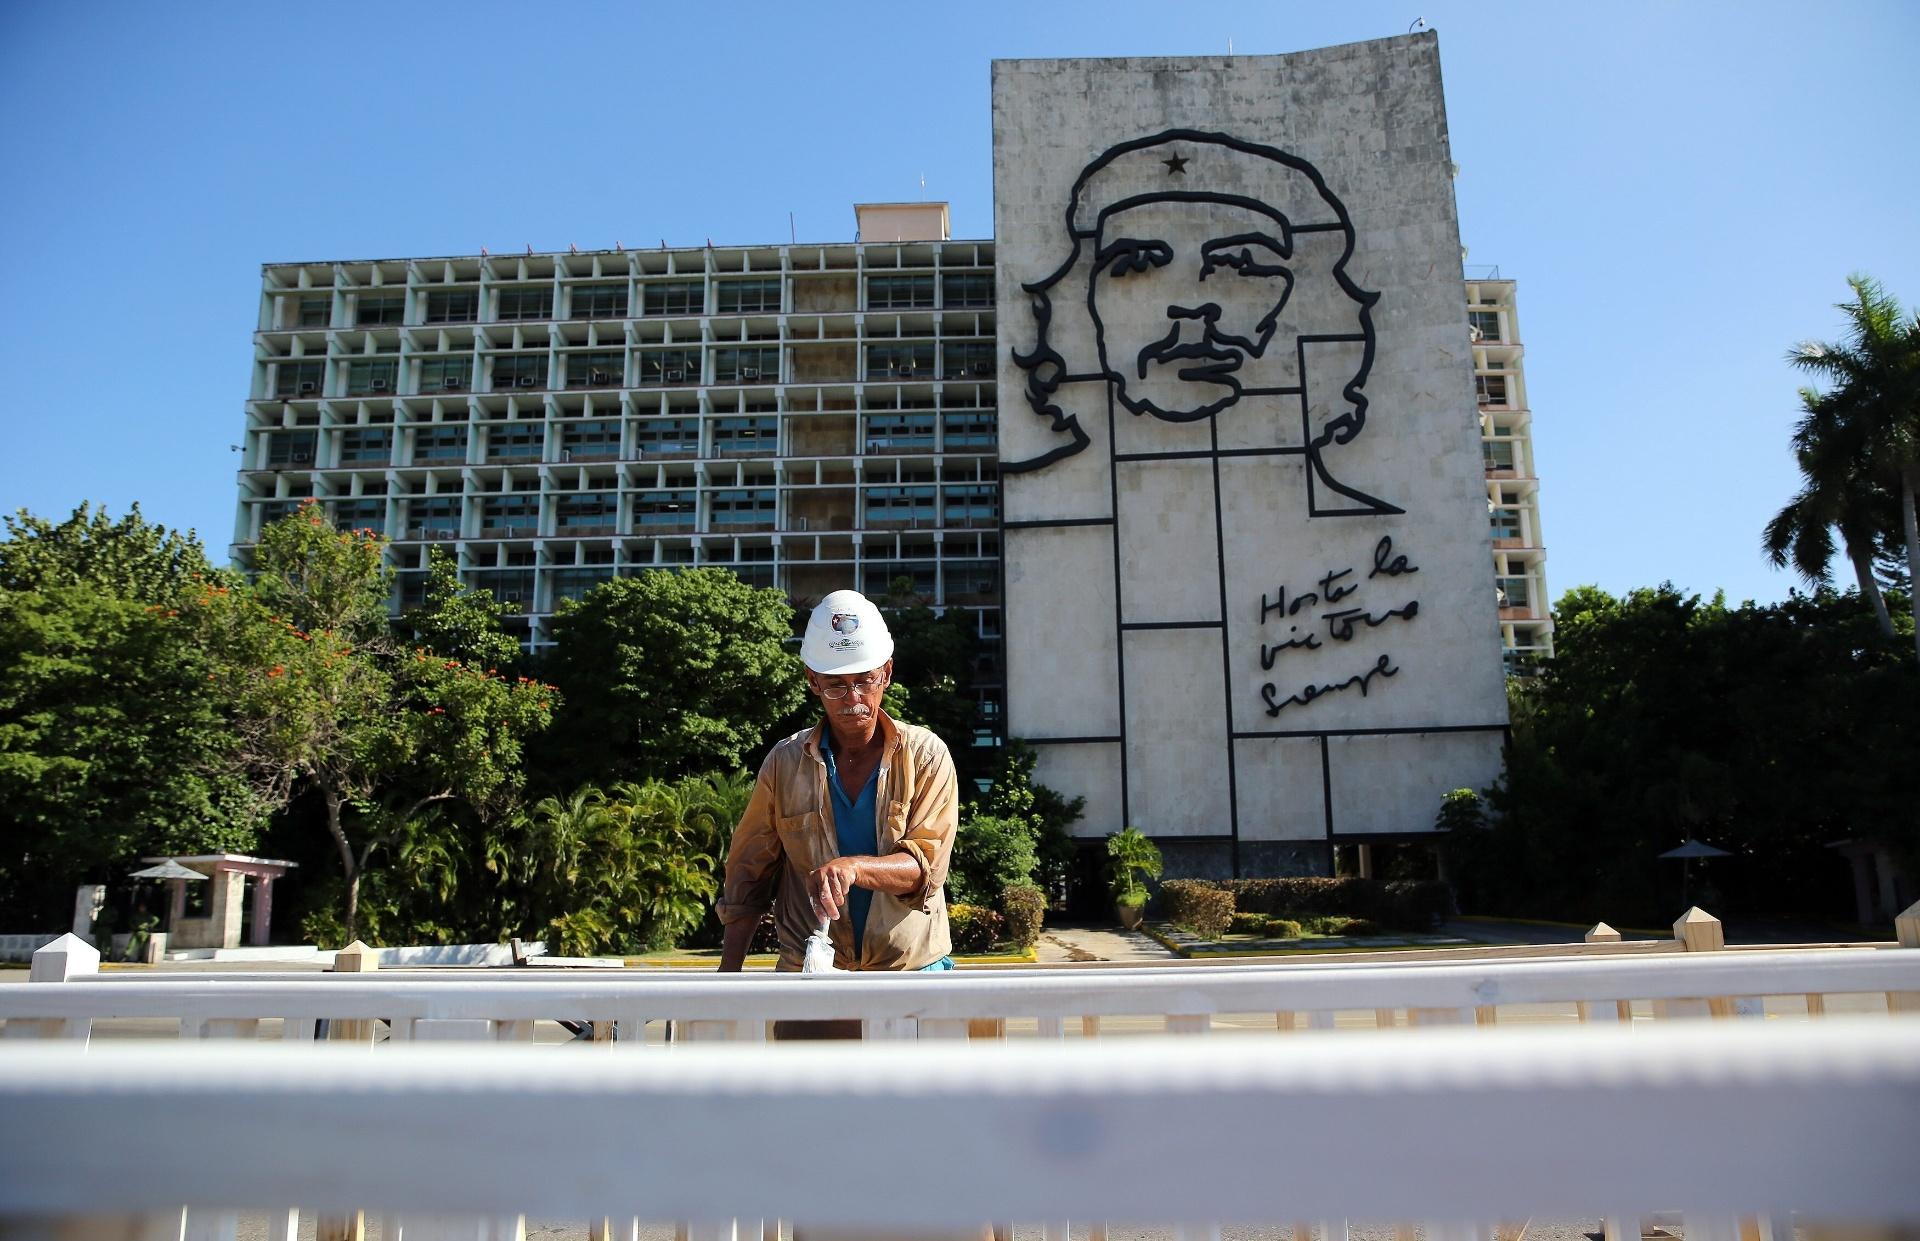 18.set.2015 - Operário trabalha na praça da Revolução, em Havana, Cuba, onde papa Francisco celebrará uma missa. O pontífice começará no próximo sábado (19) sua 10ª viagem internacional, um périplo que o levará a Cuba e aos Estados Unidos durante nove dias, nos quais fará 26 discursos